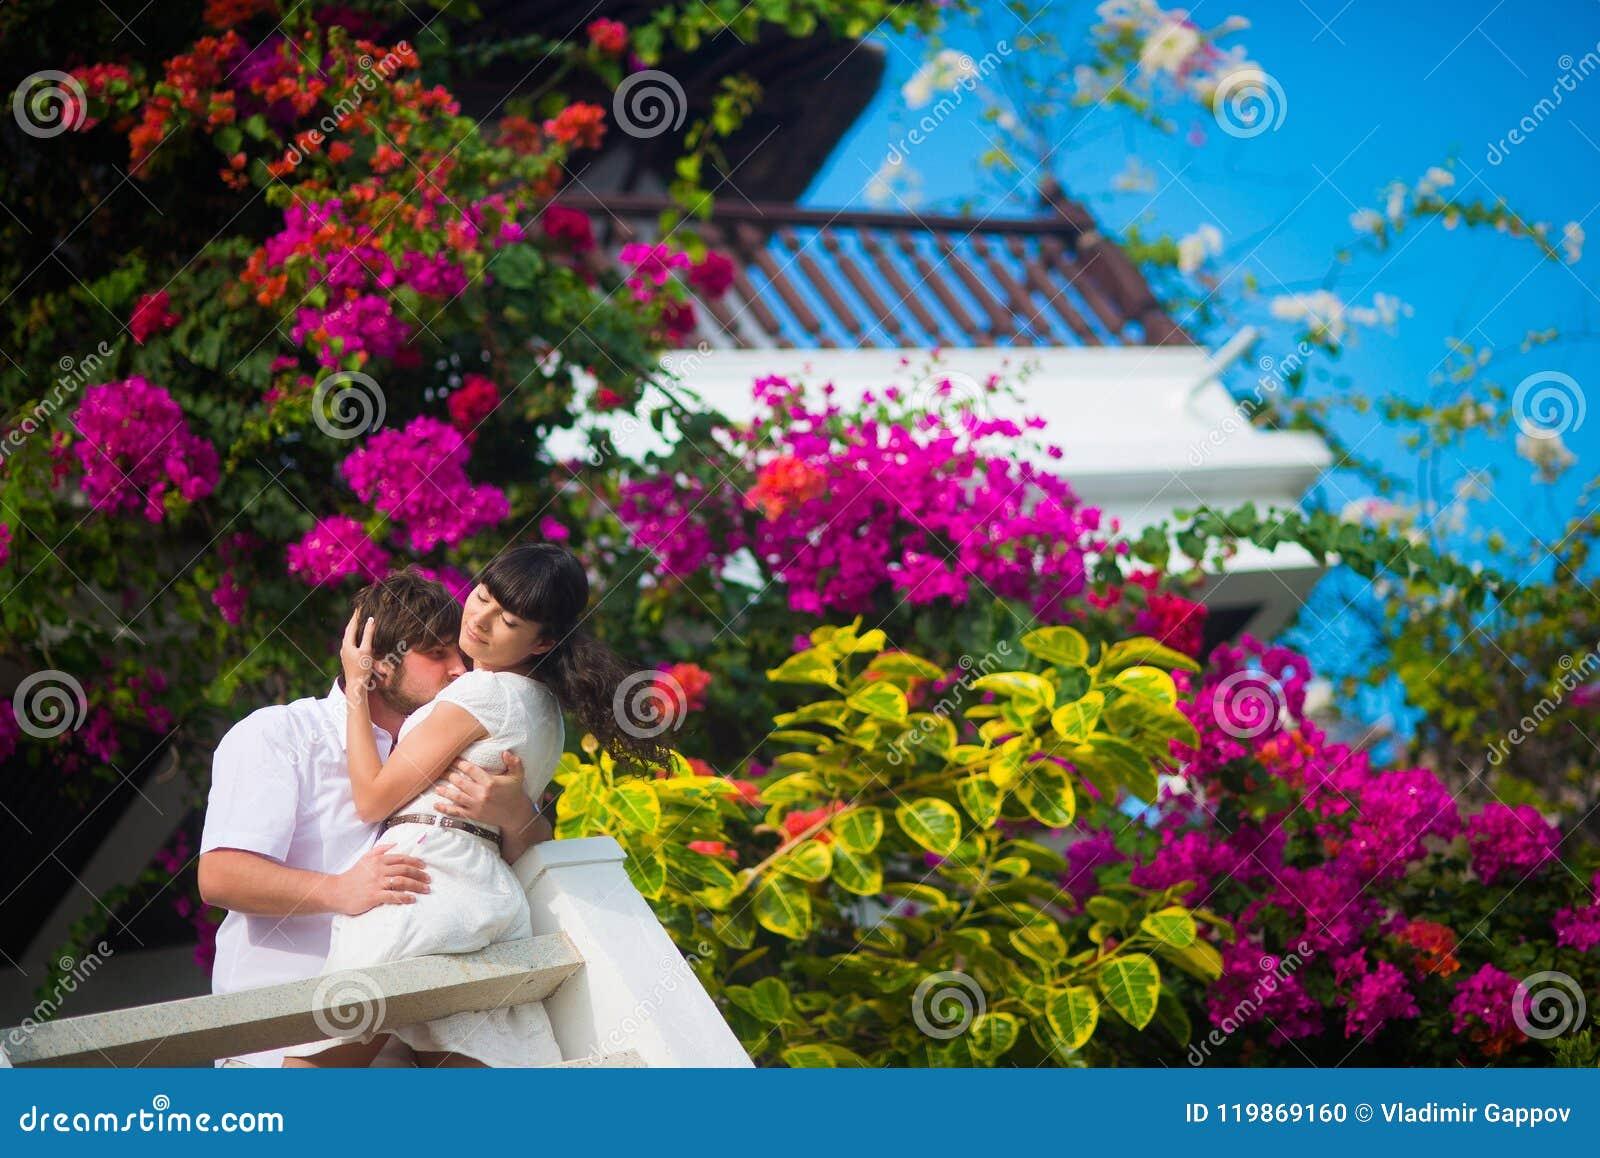 De bruid en de bruidegom omhelzen passionately op het balkon op een achtergrond van bloemen